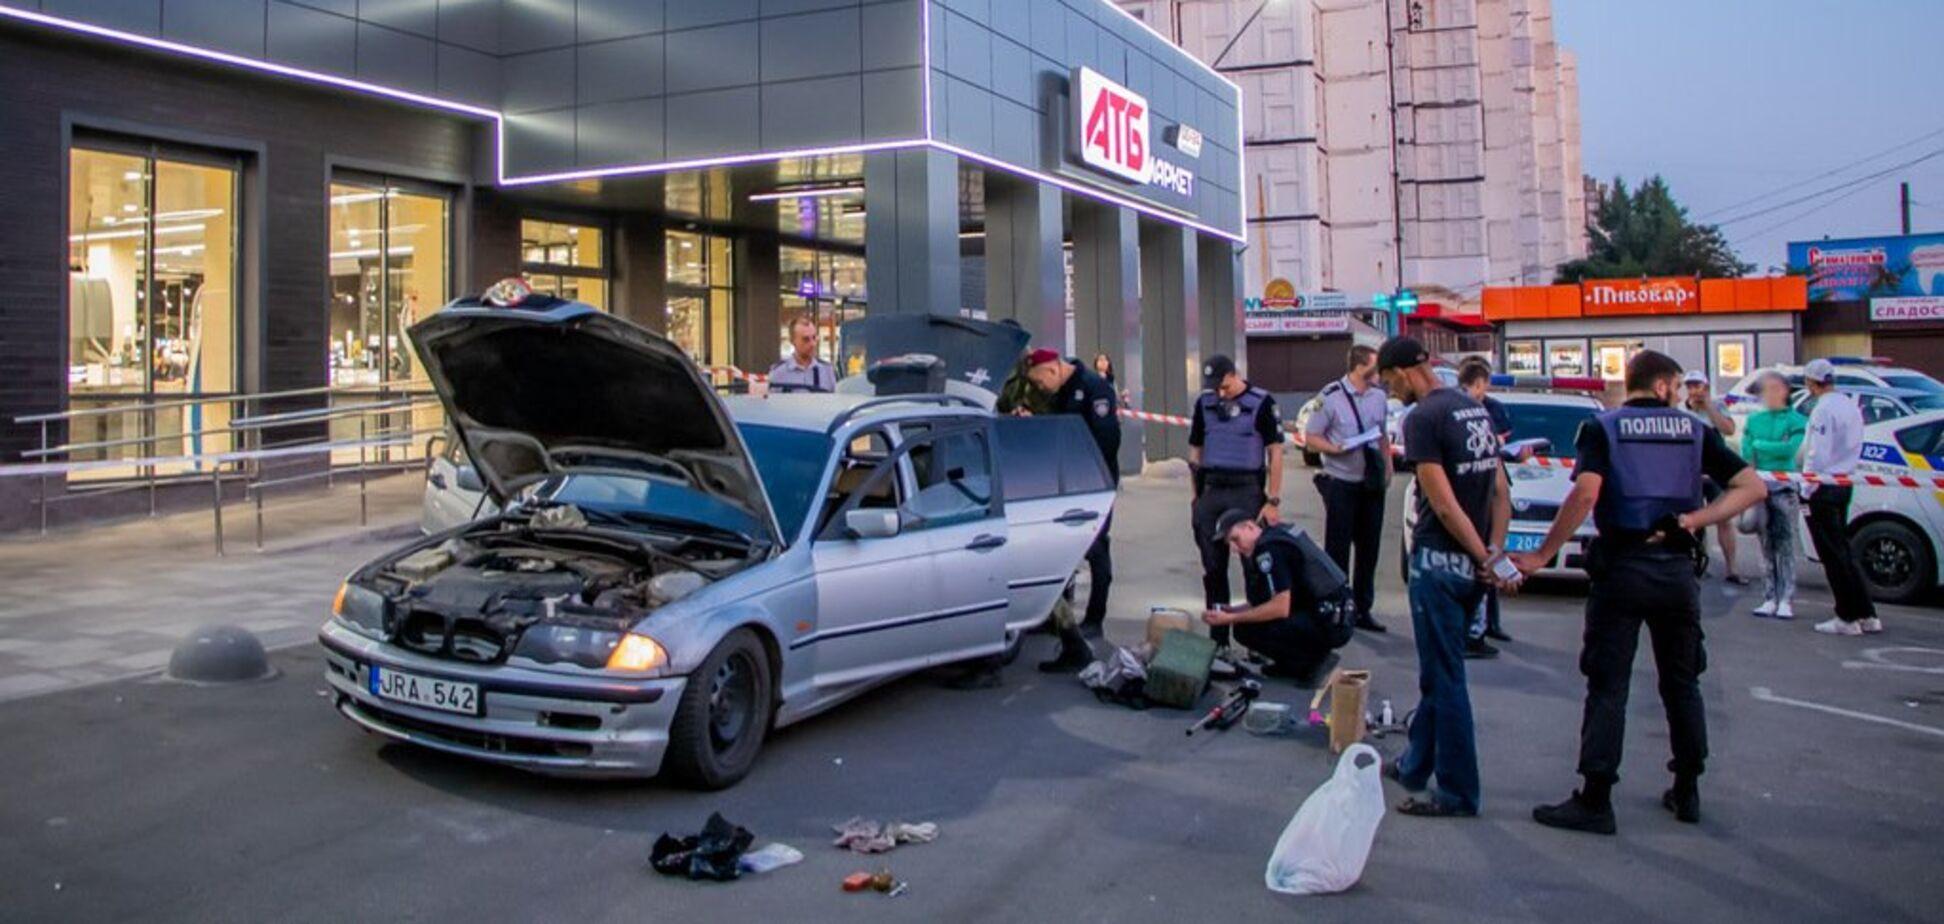 Могло вибухнути в будь-який момент: по Дніпру їздило авто з боєприпасами. Відео